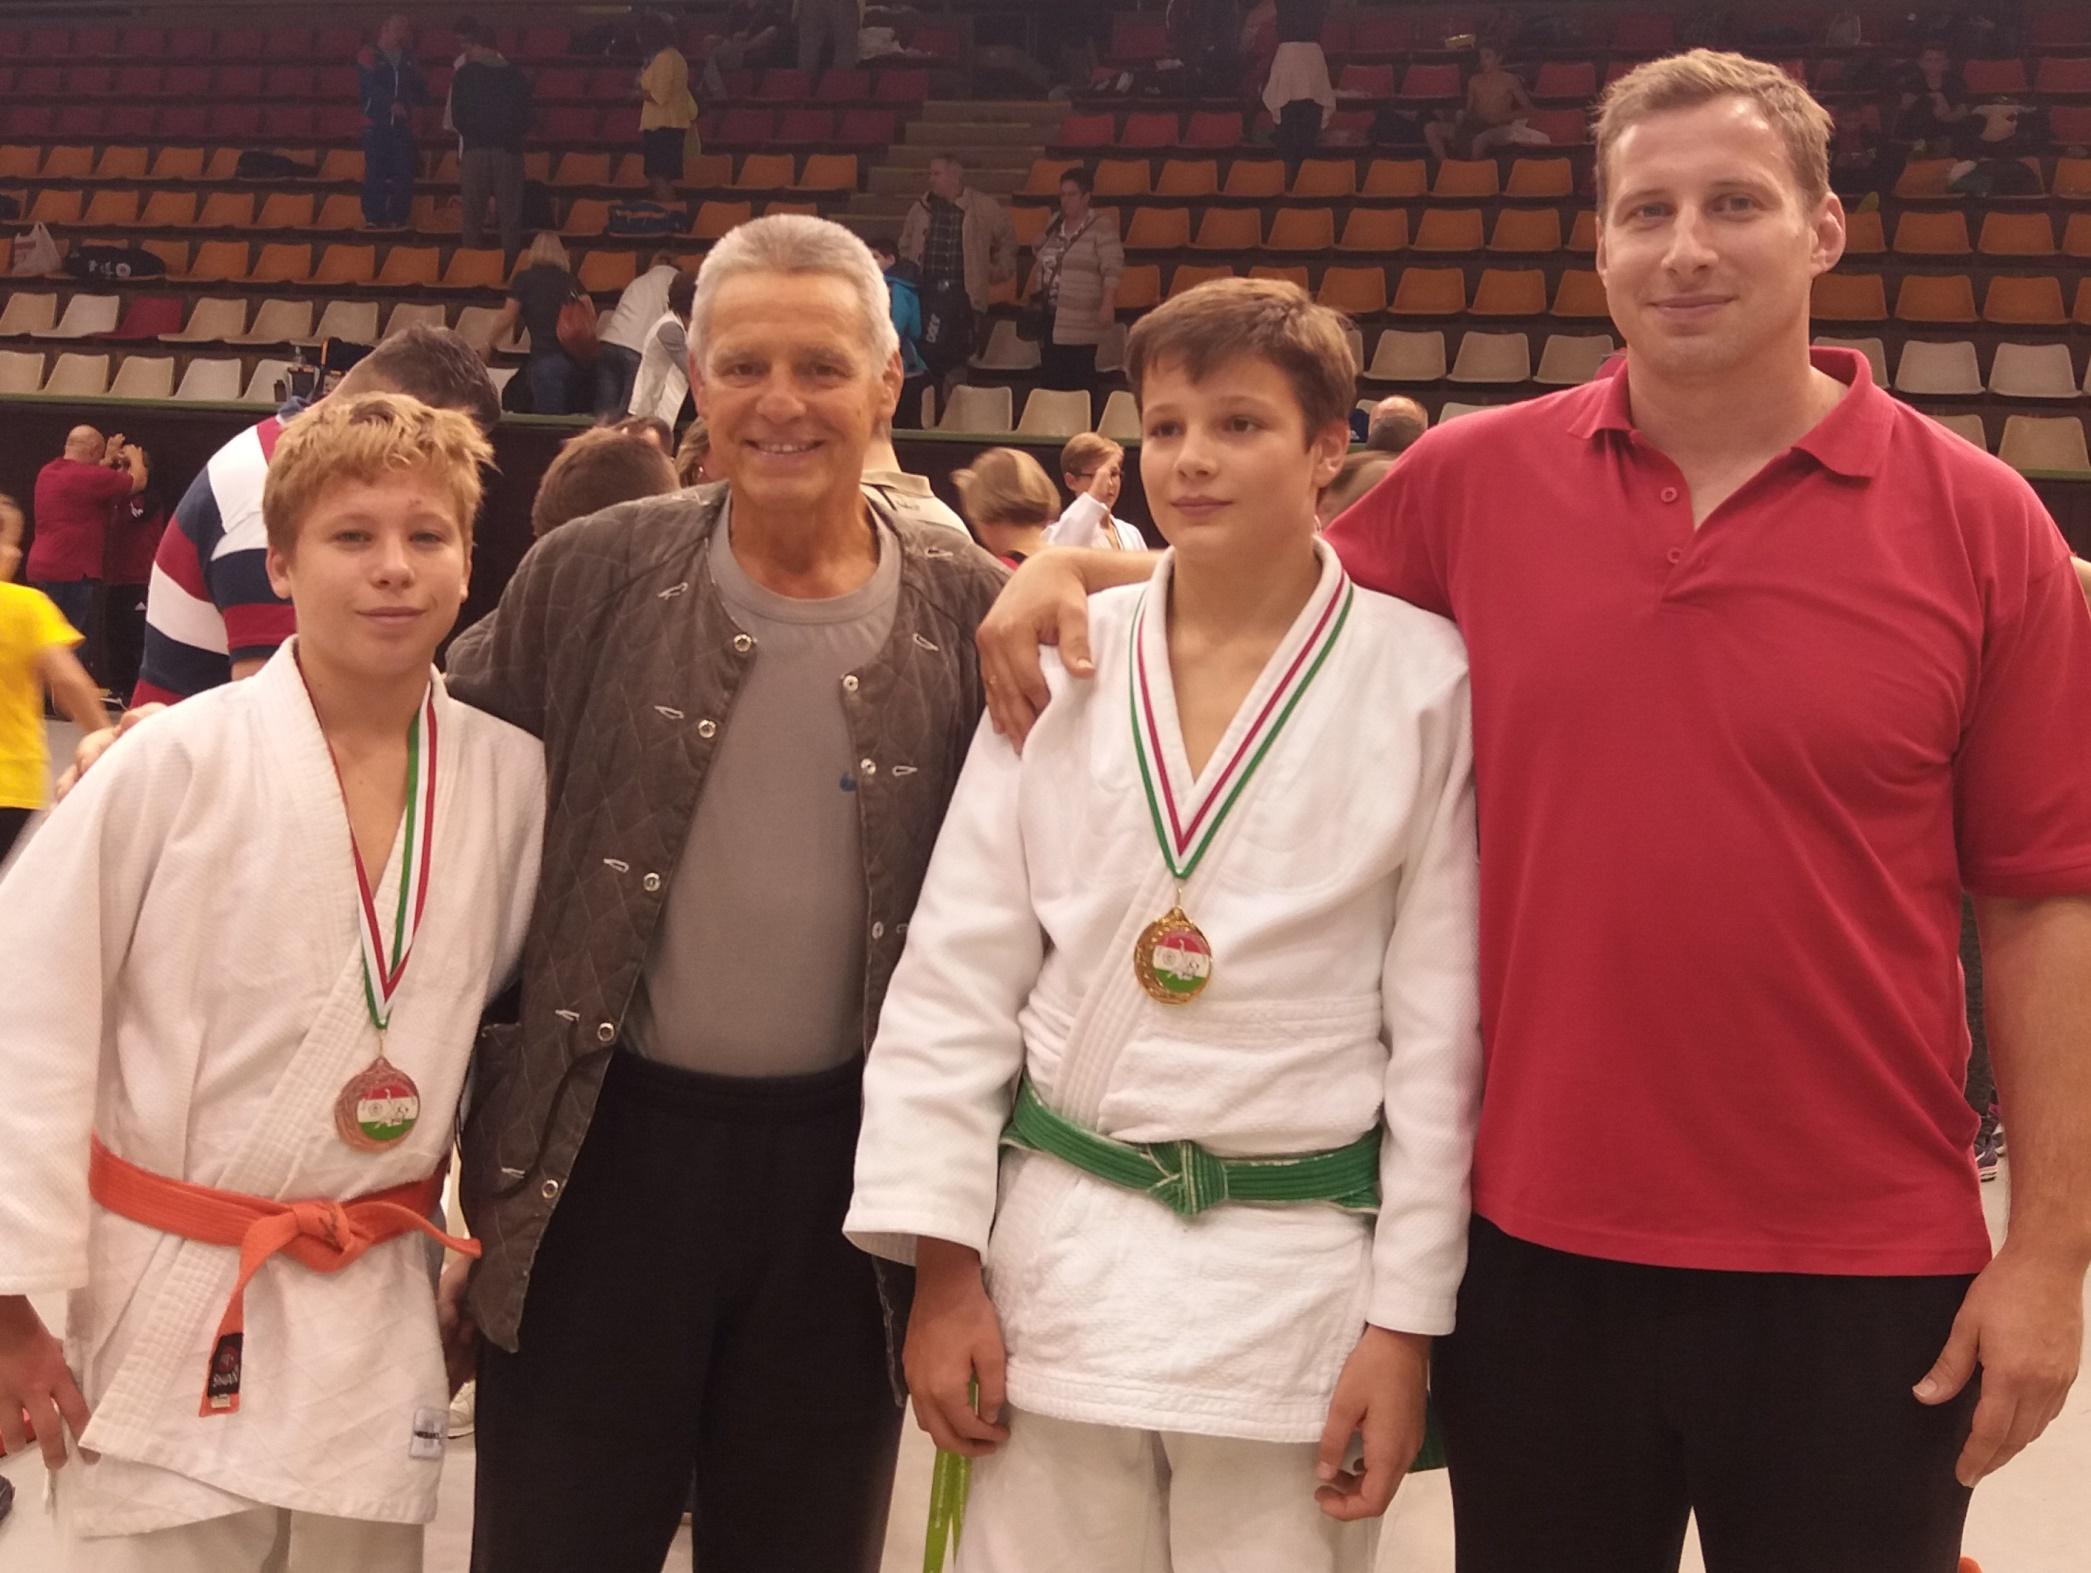 Pusztai Zalán és Major Ádám edzőikkel